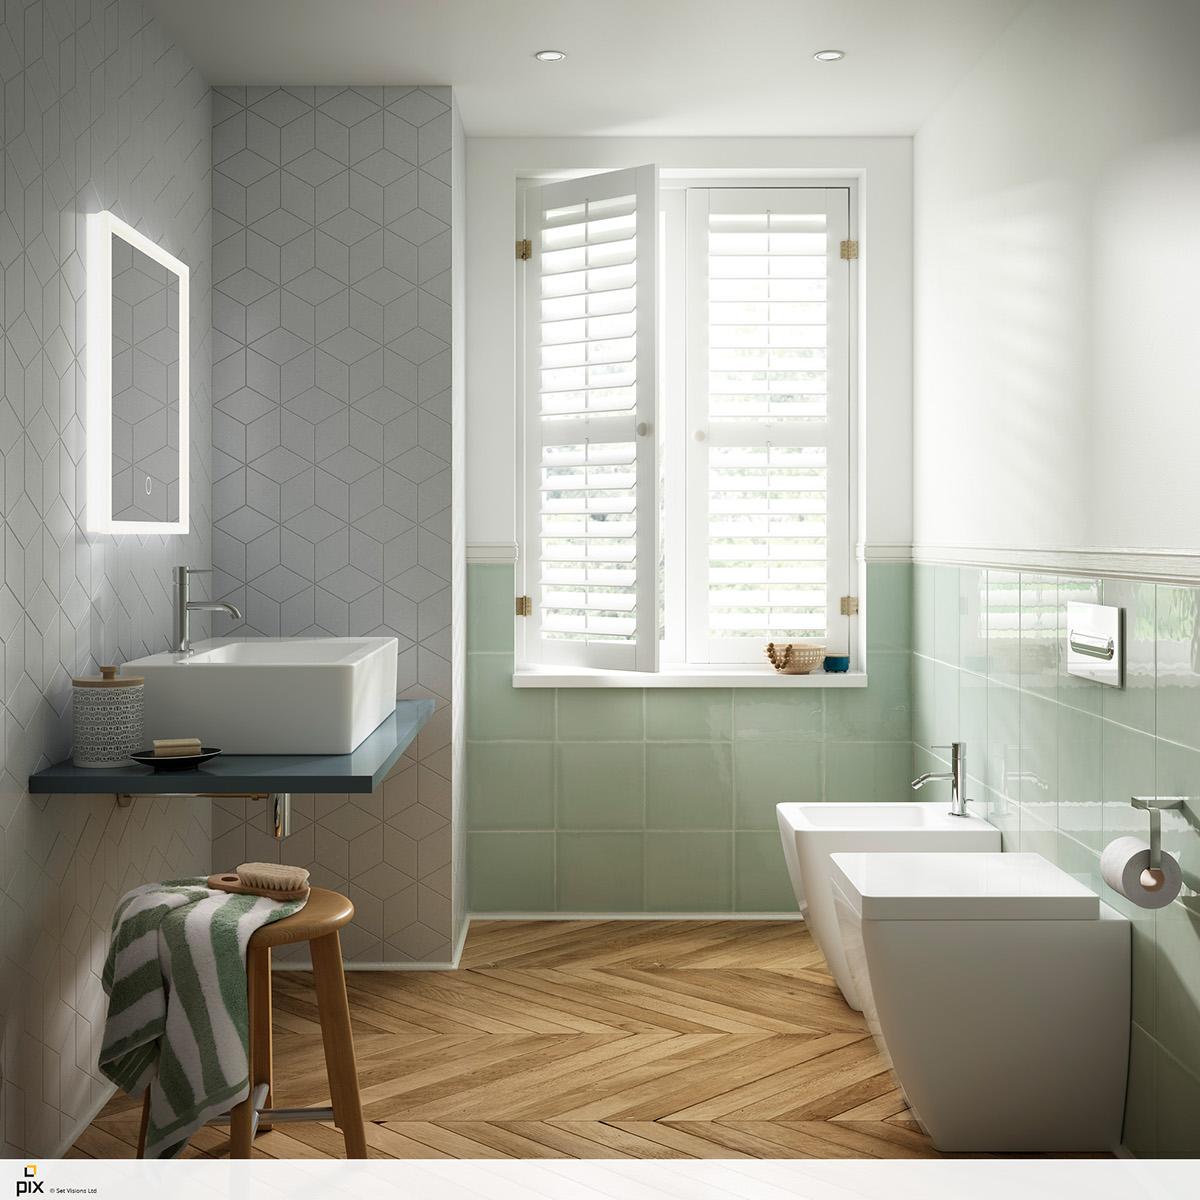 Compact Pantone bathroom on Behance